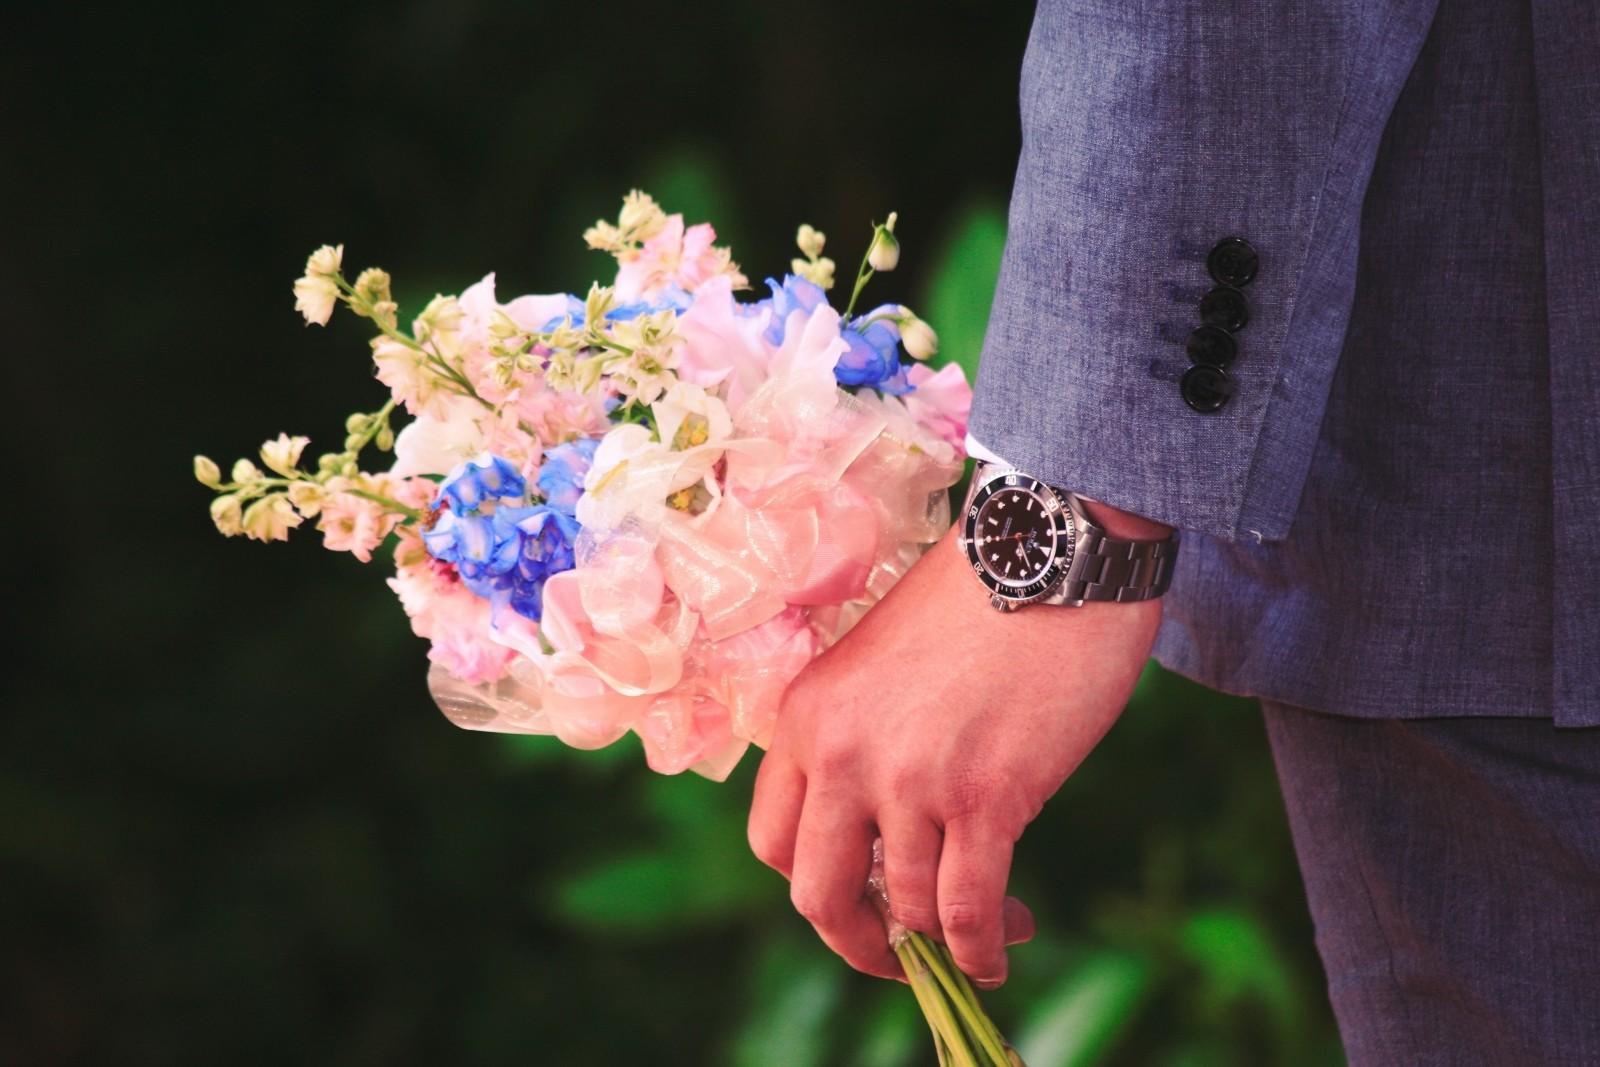 Kwiaty sztuczne, czy prawdziwe?